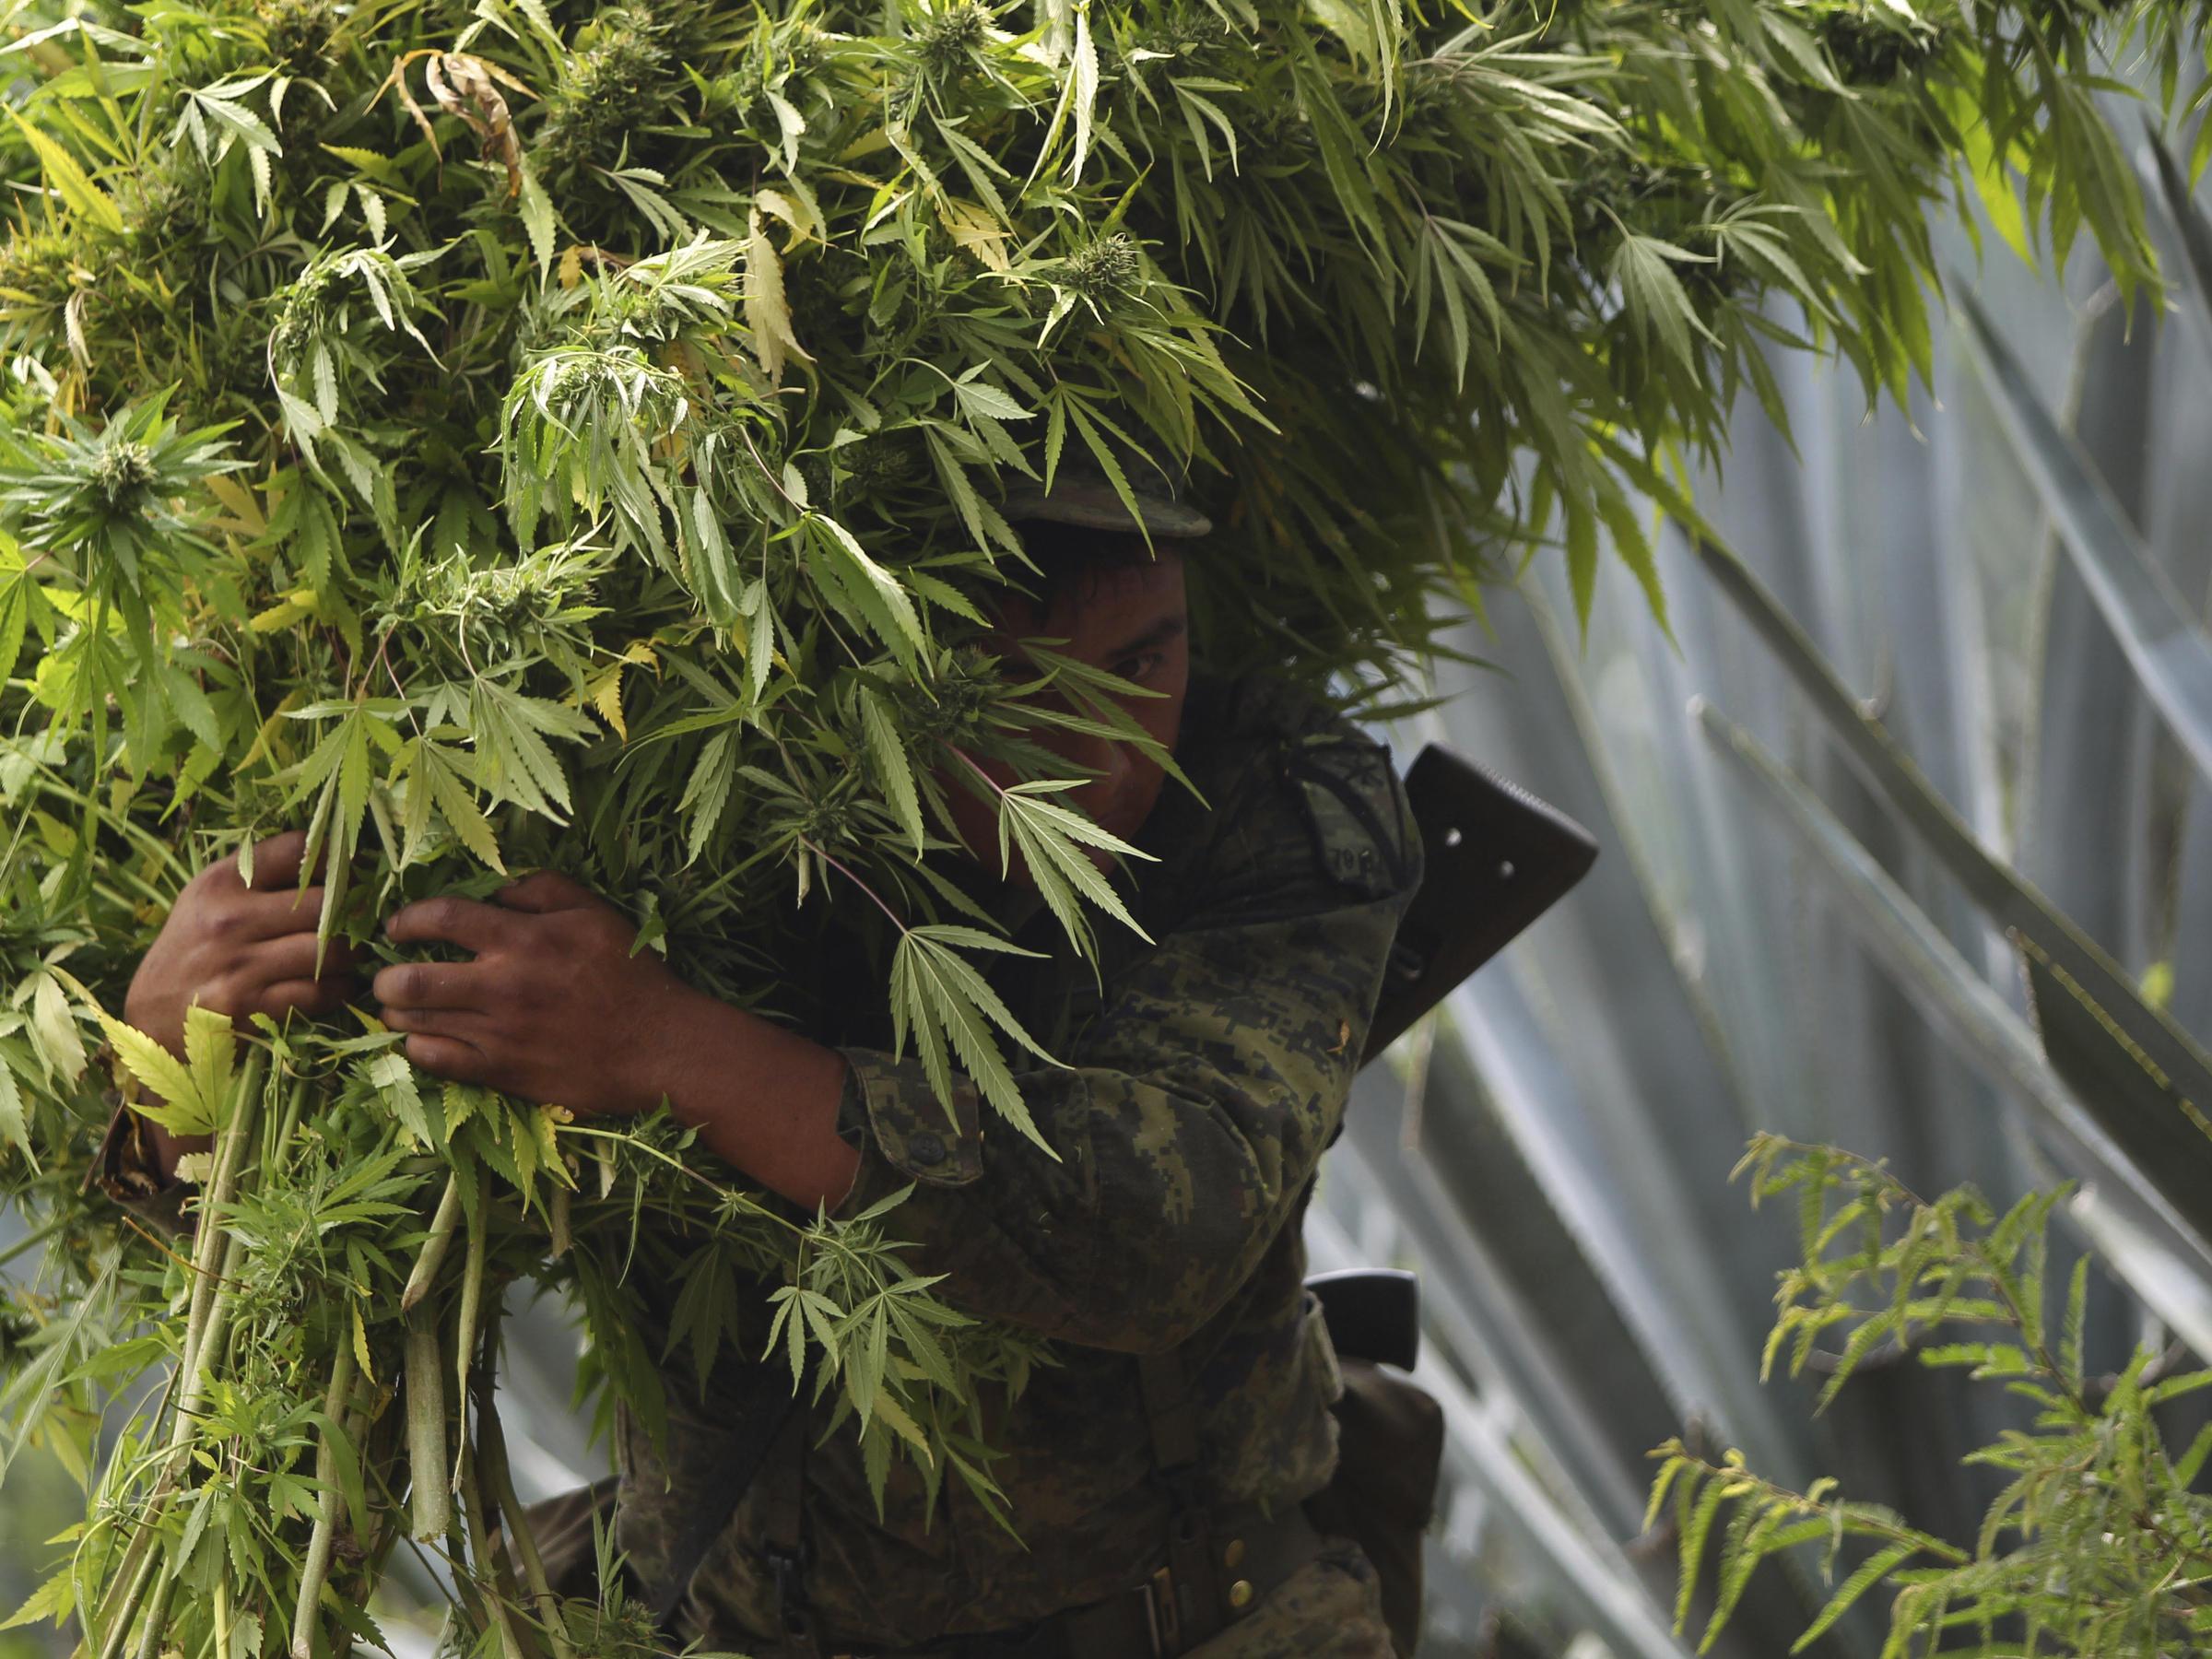 Почему марихуана нелегальна как узнать что конопля не дикая